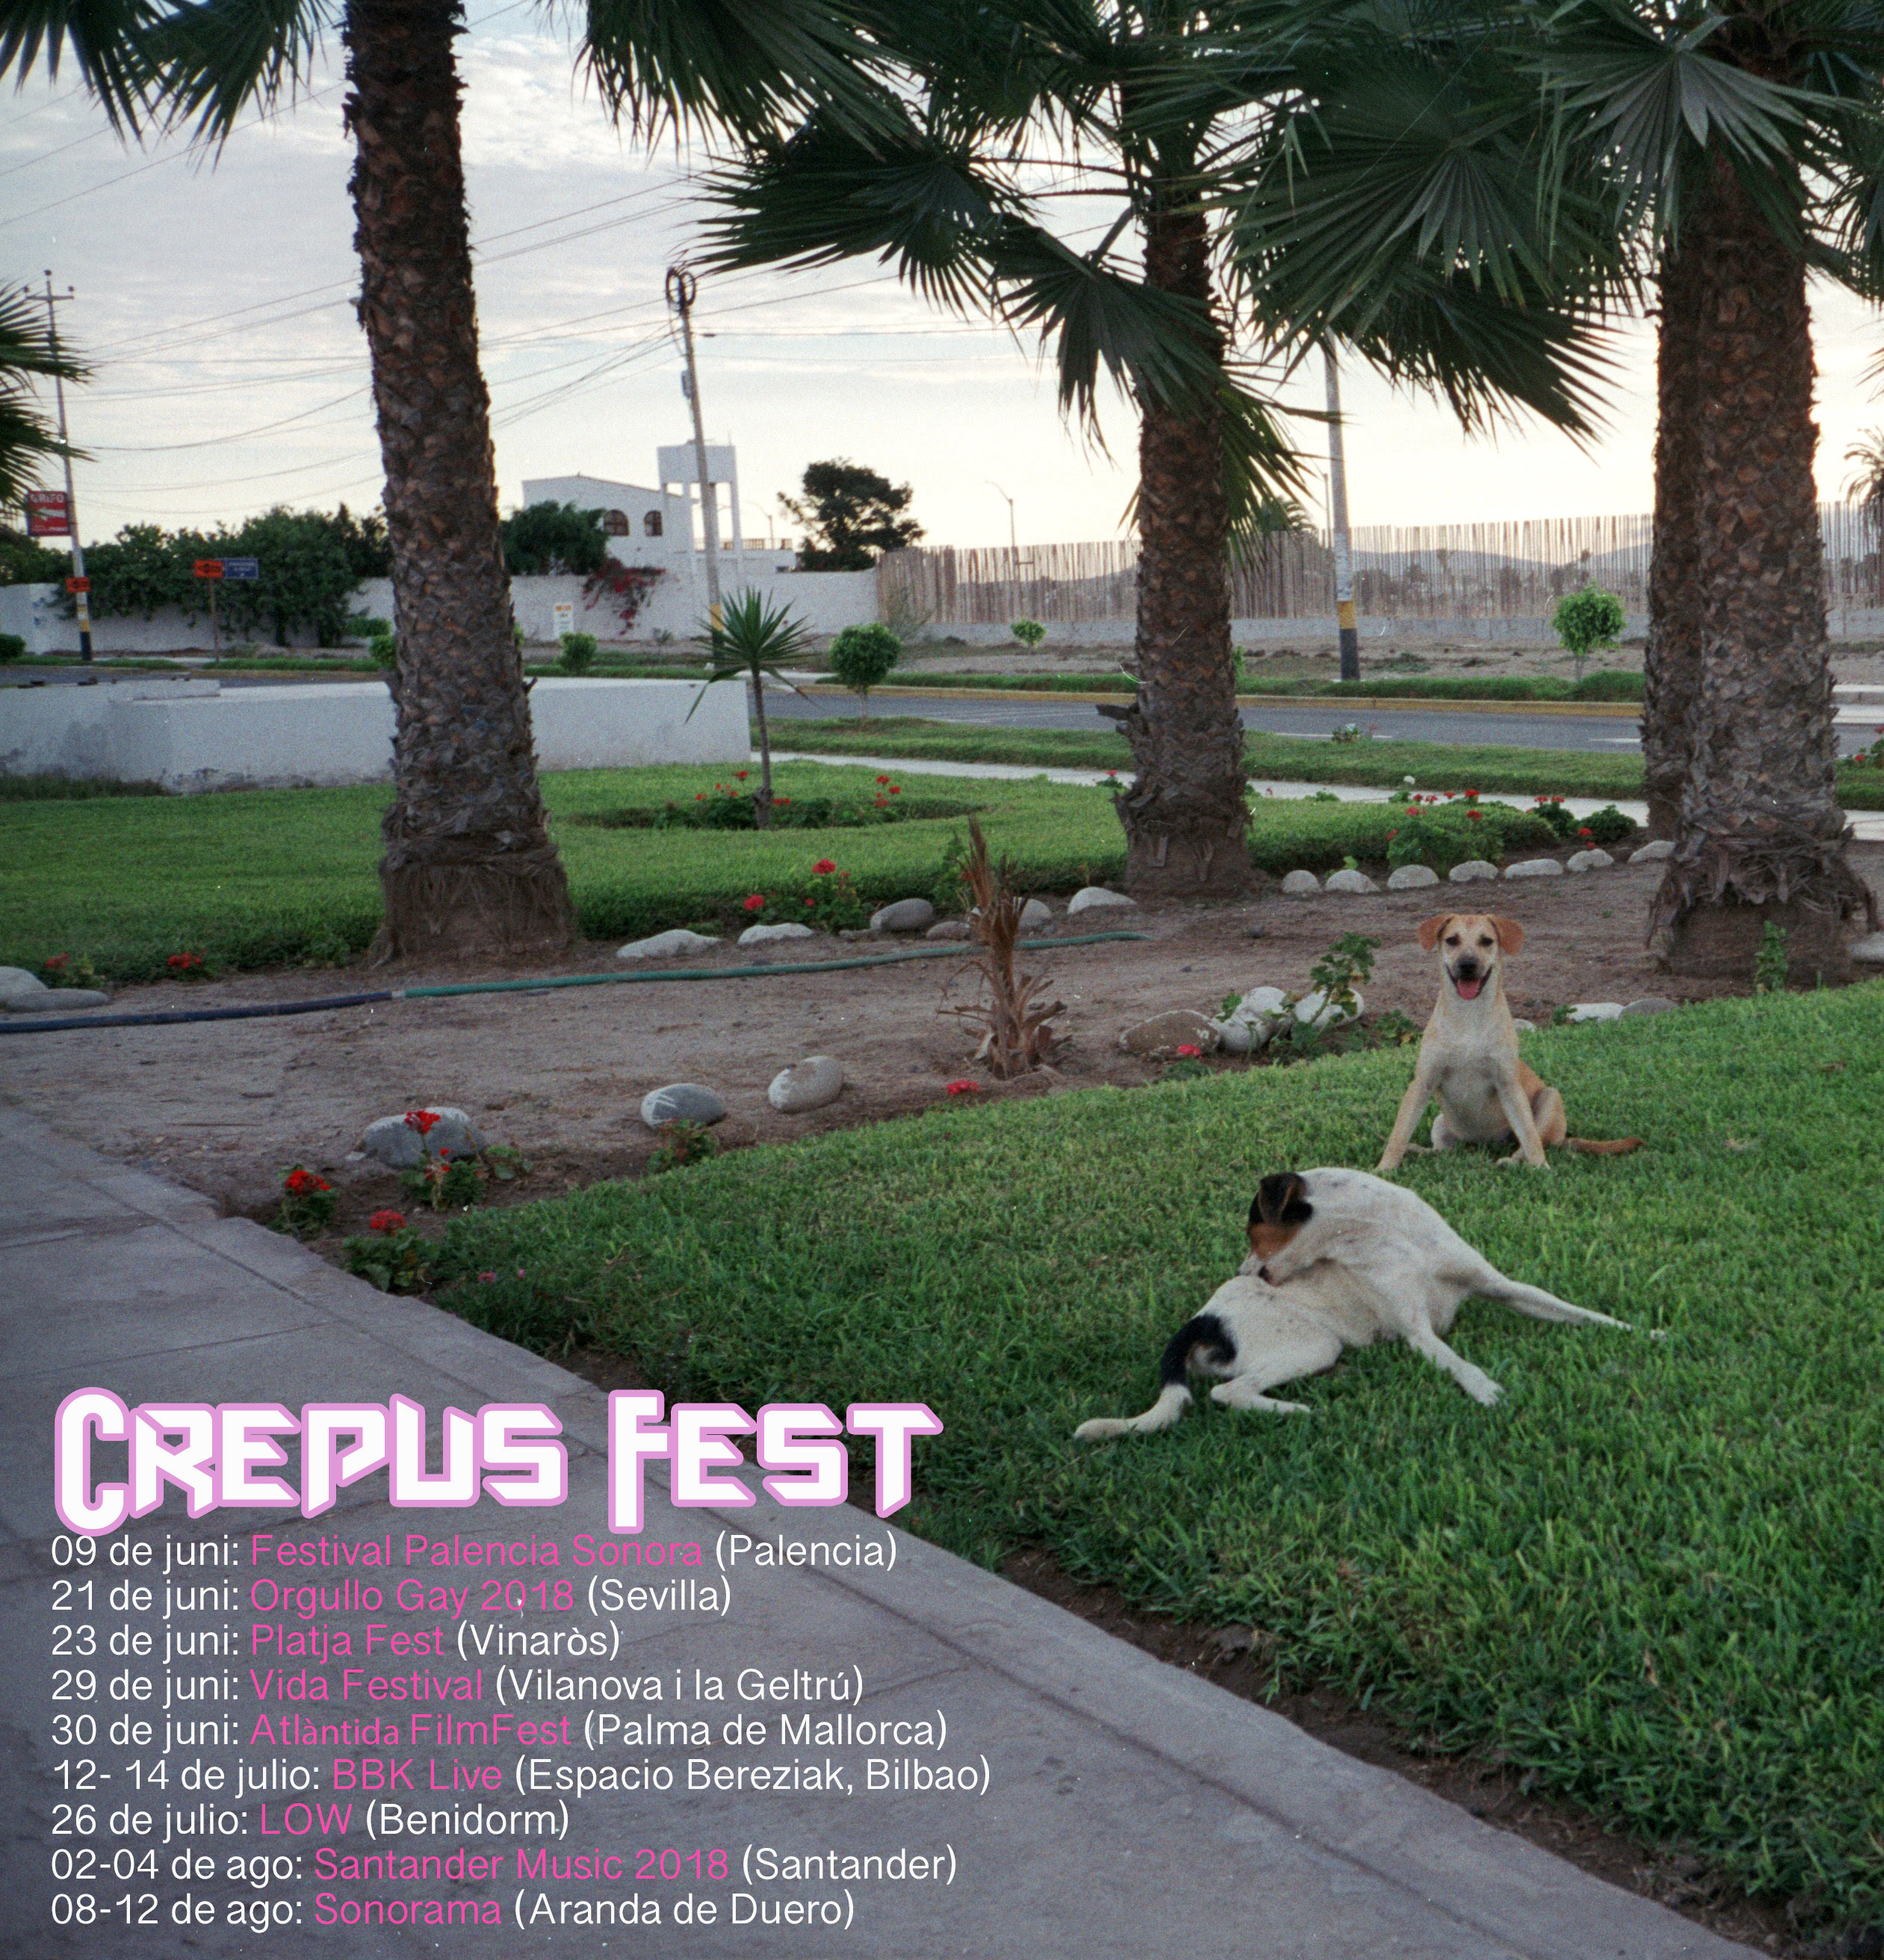 crepus fest 2